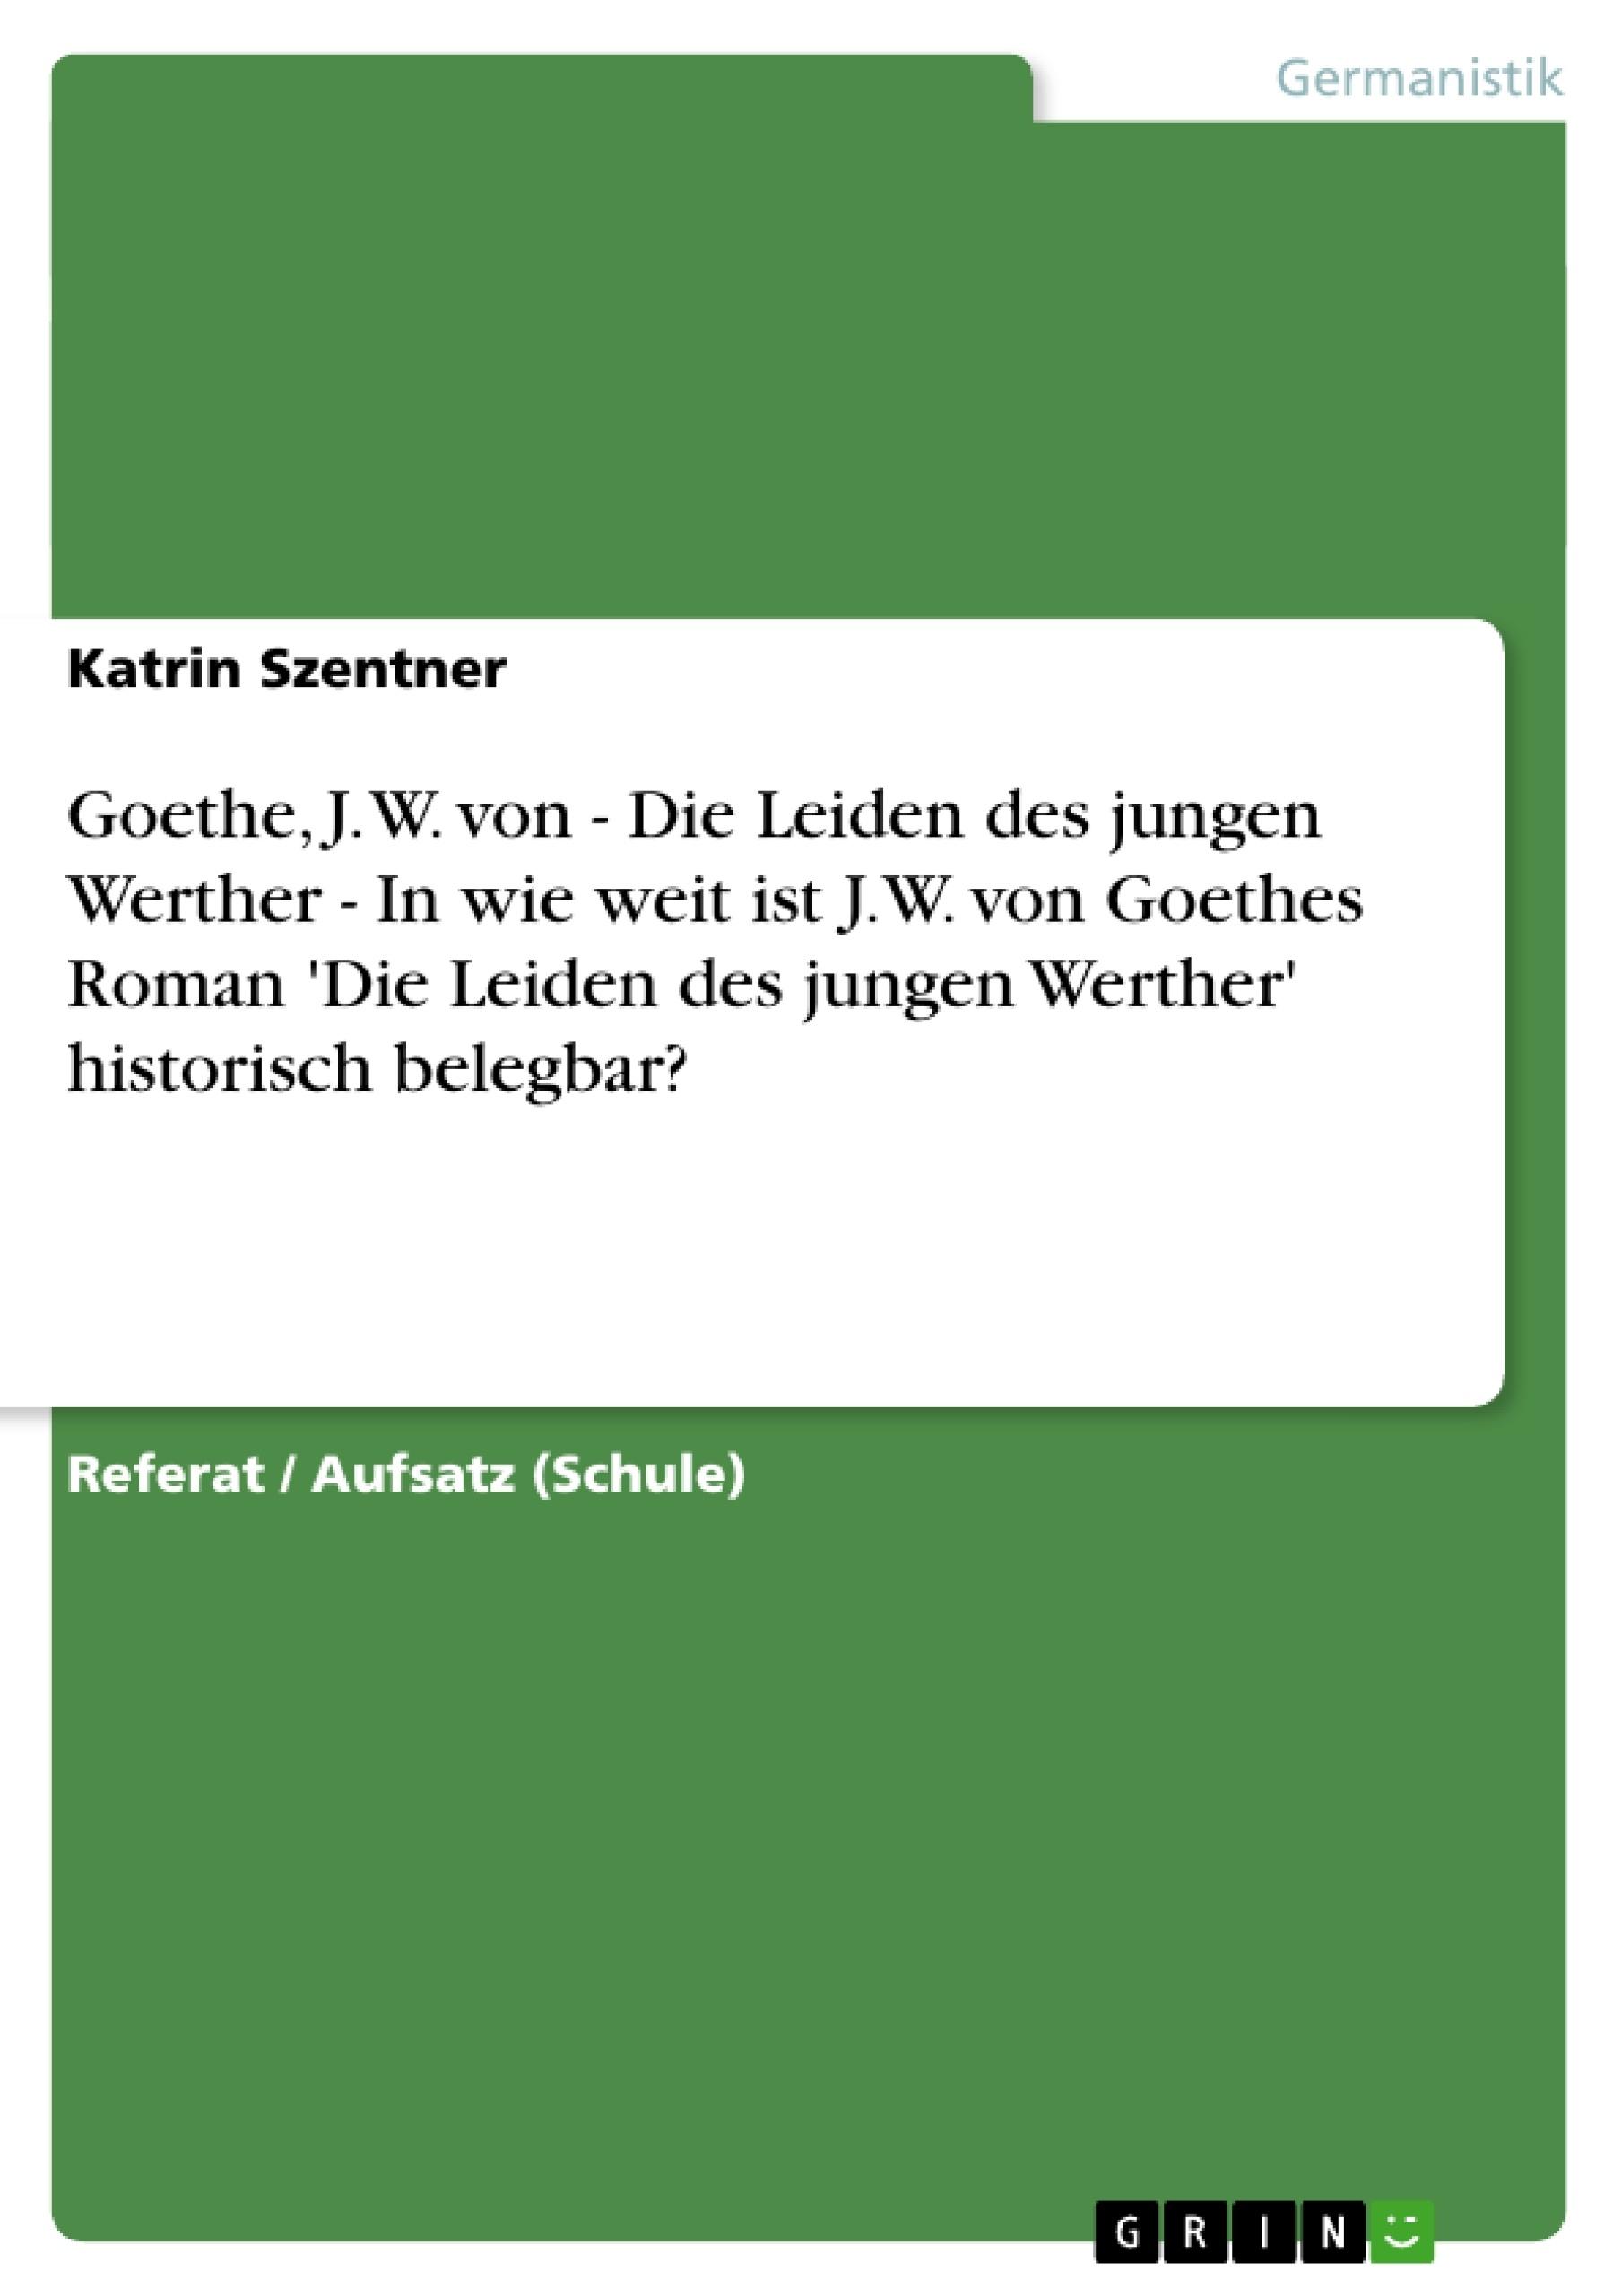 Titel: Goethe, J. W. von - Die Leiden des jungen Werther - In wie weit ist J.W. von Goethes Roman 'Die Leiden des jungen Werther' historisch belegbar?